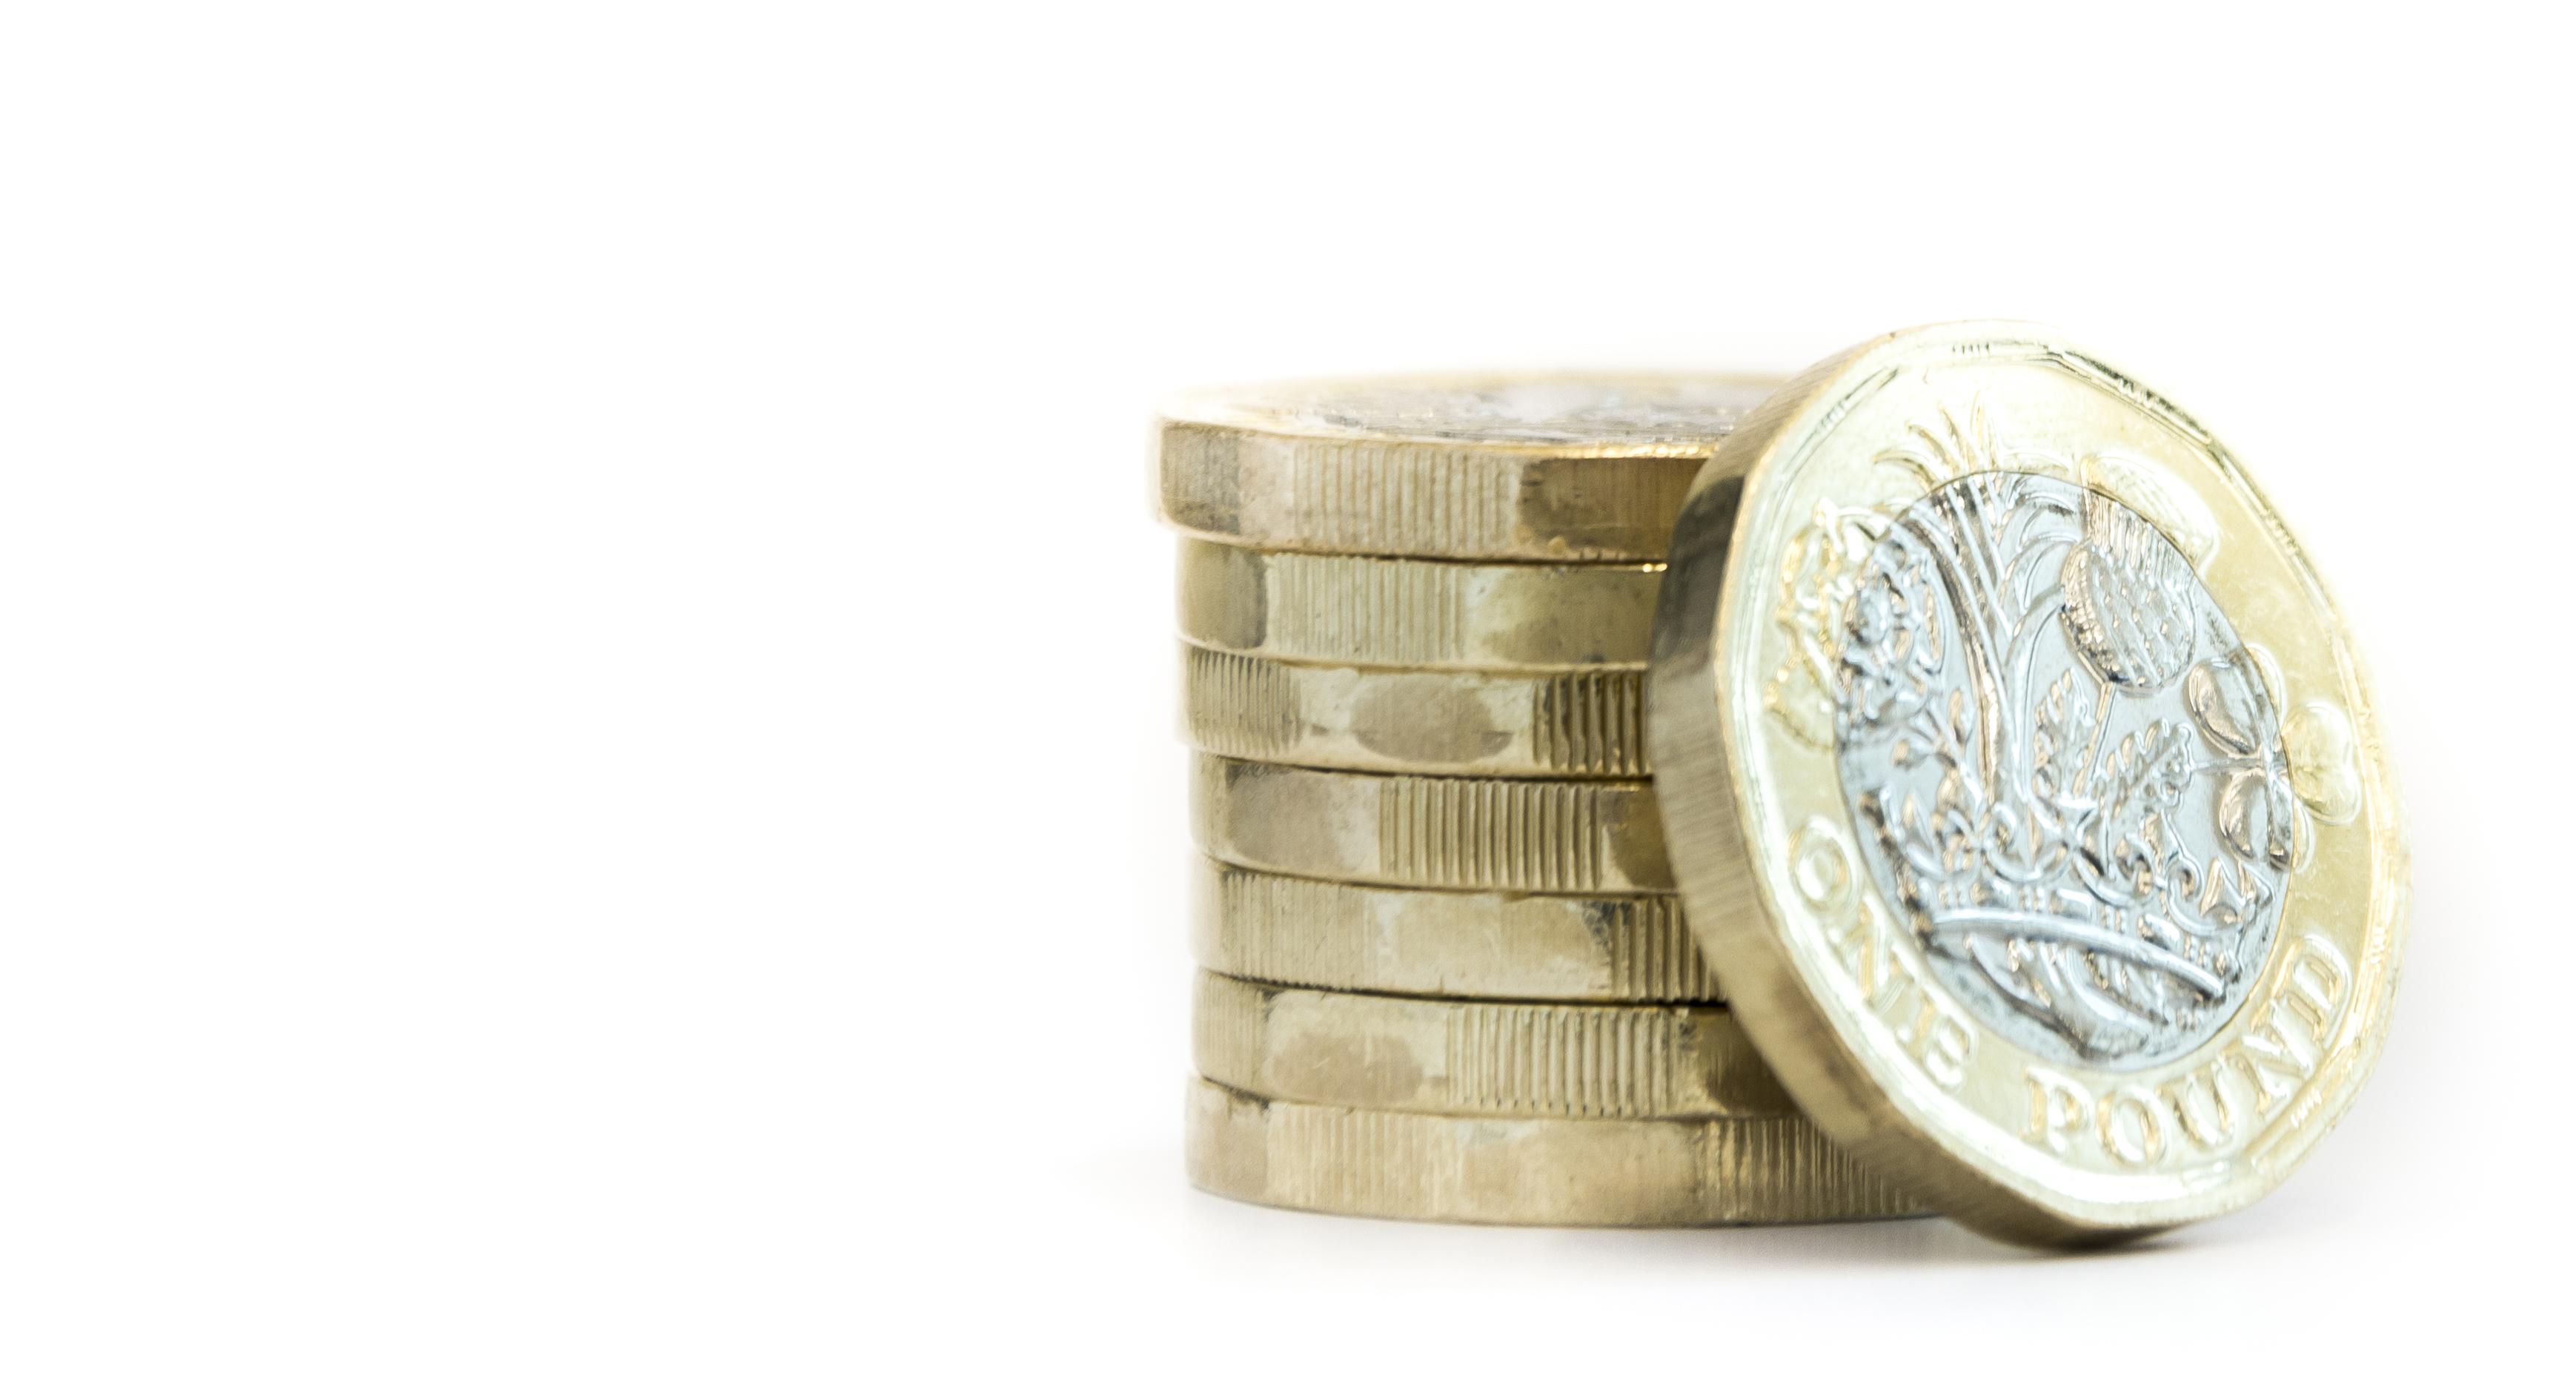 pound coins header image_43771